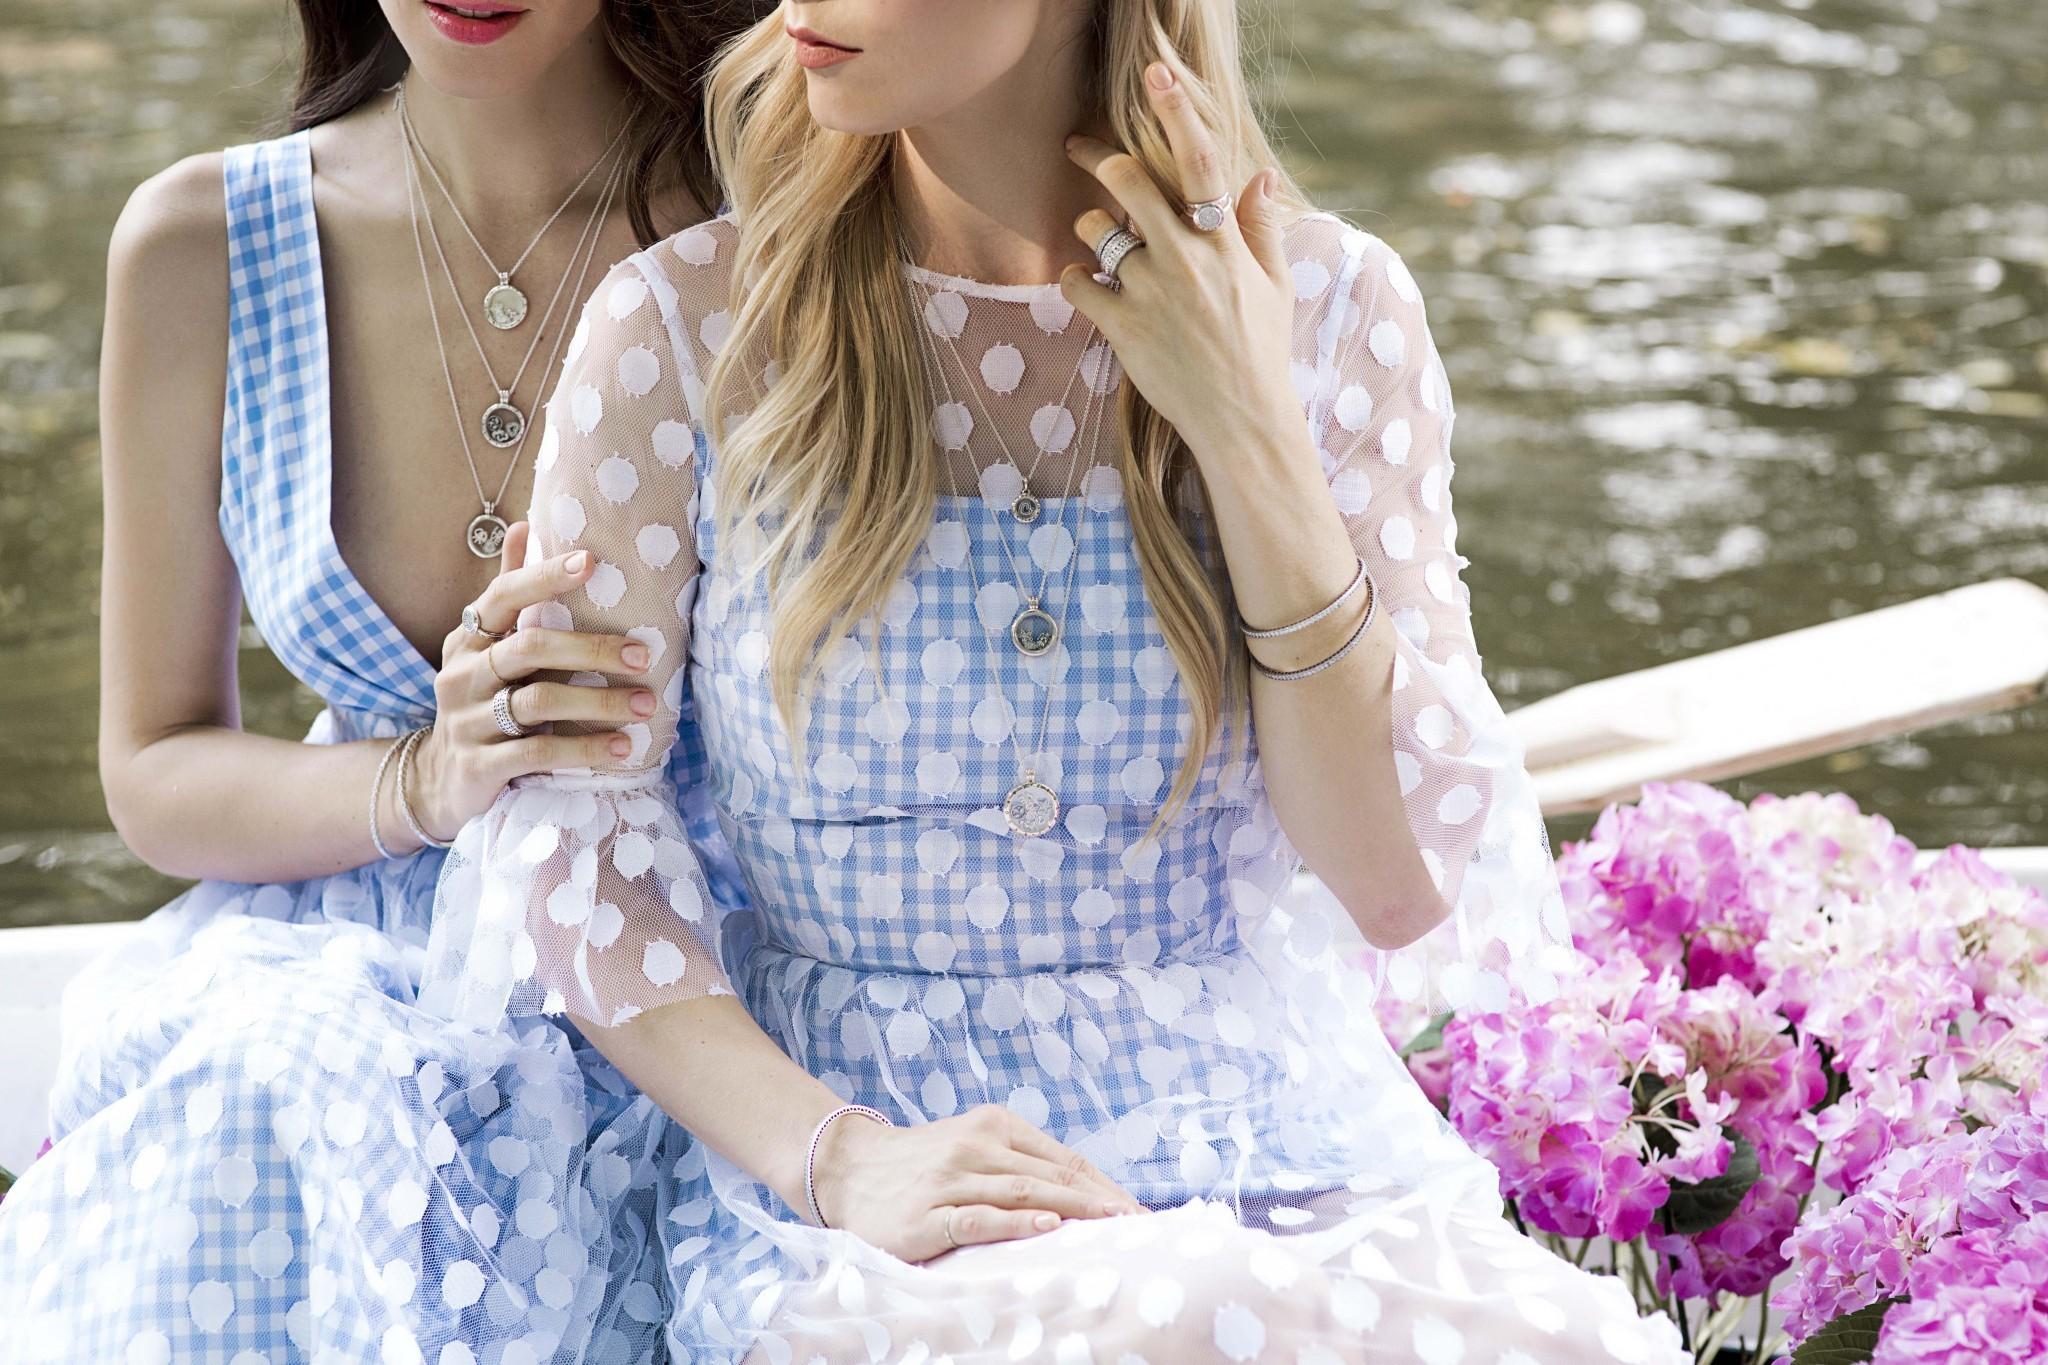 11pandora-the-look-of-you-diana-enciu-alina-tanasa-fabulous-muses-lace-trend